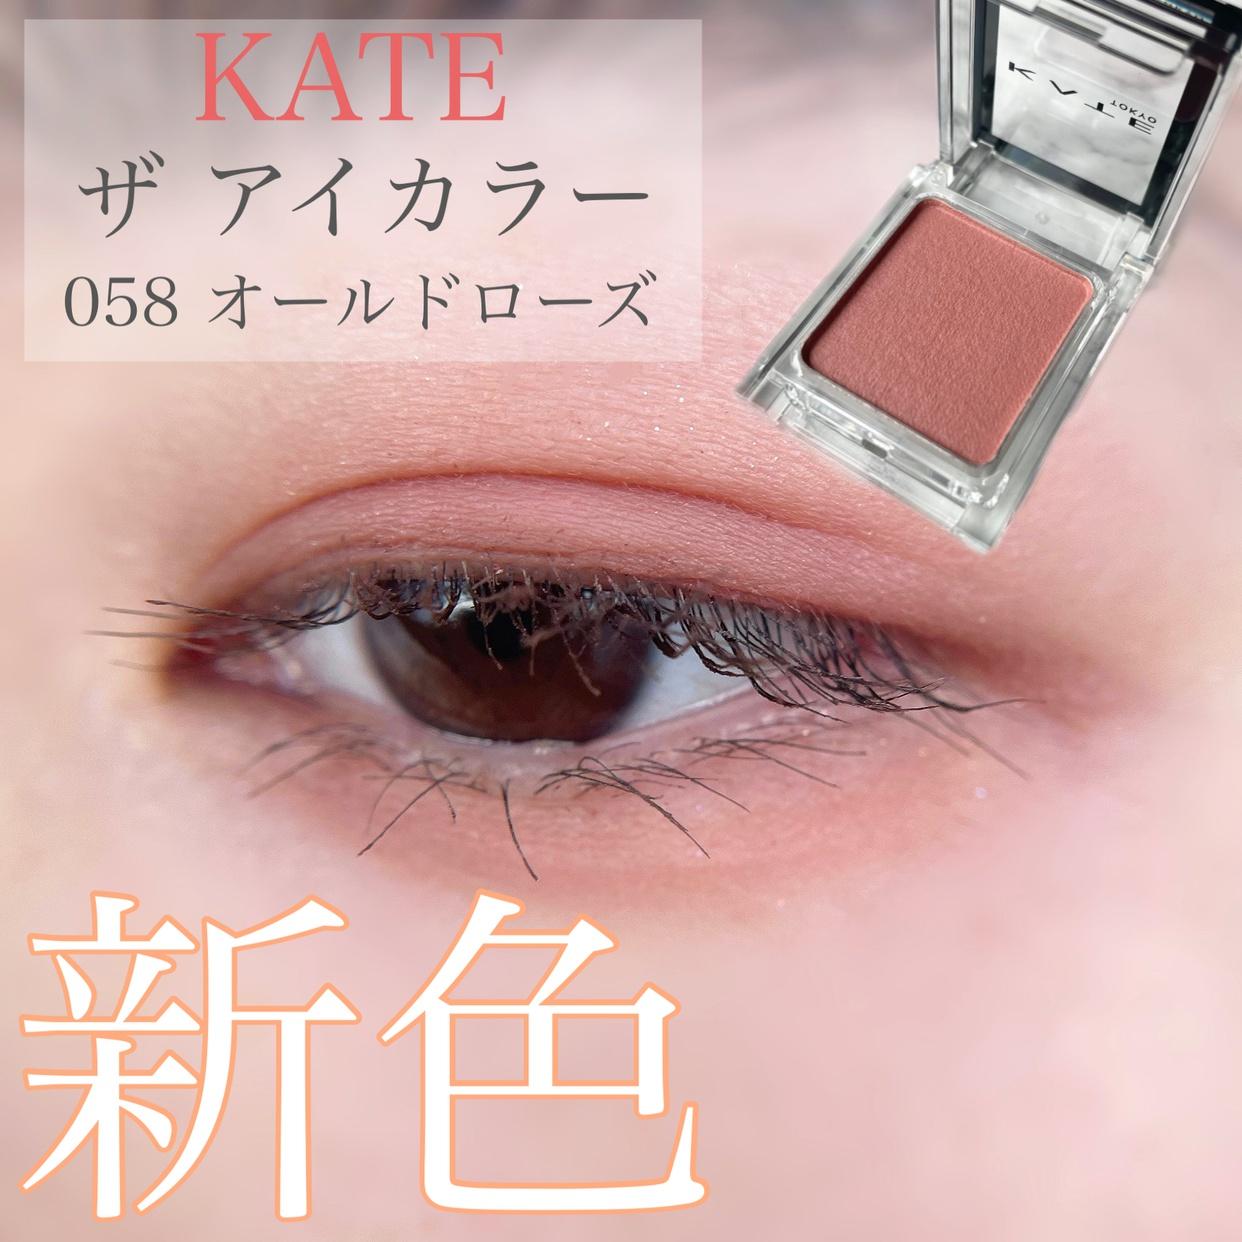 KATE(ケイト) ザ アイカラーを使ったあひるさんのクチコミ画像1